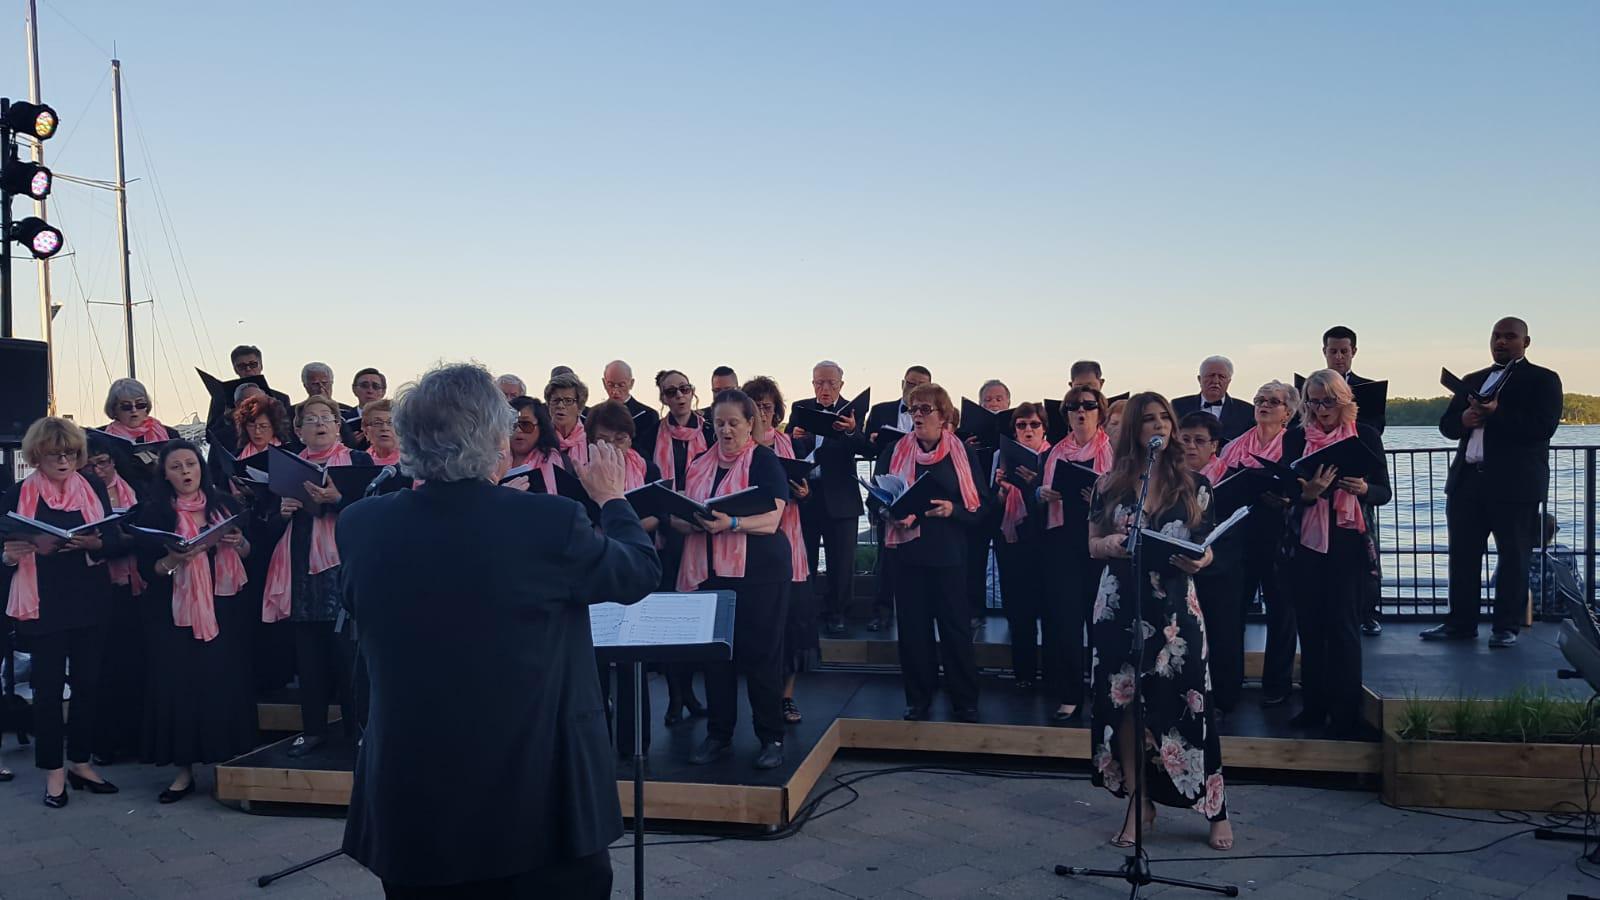 Coro San Marco performing at the Luminat